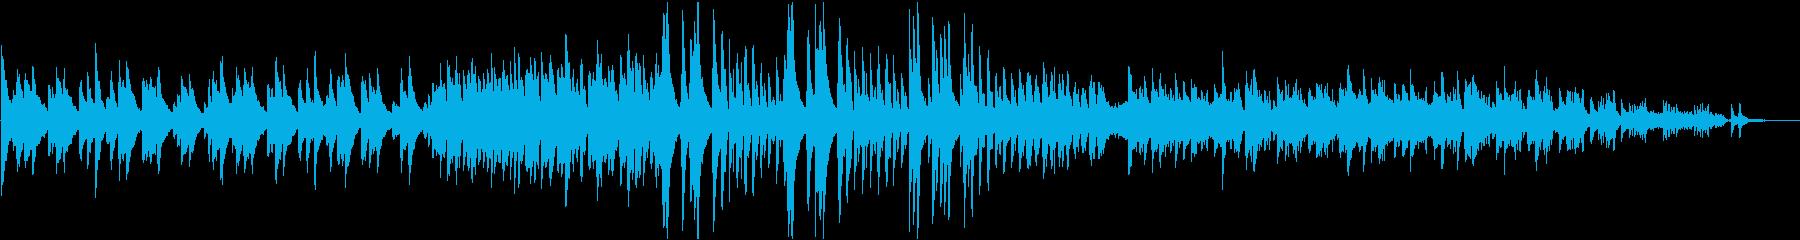 チャイコフスキー四季より7月刈り入れの歌の再生済みの波形